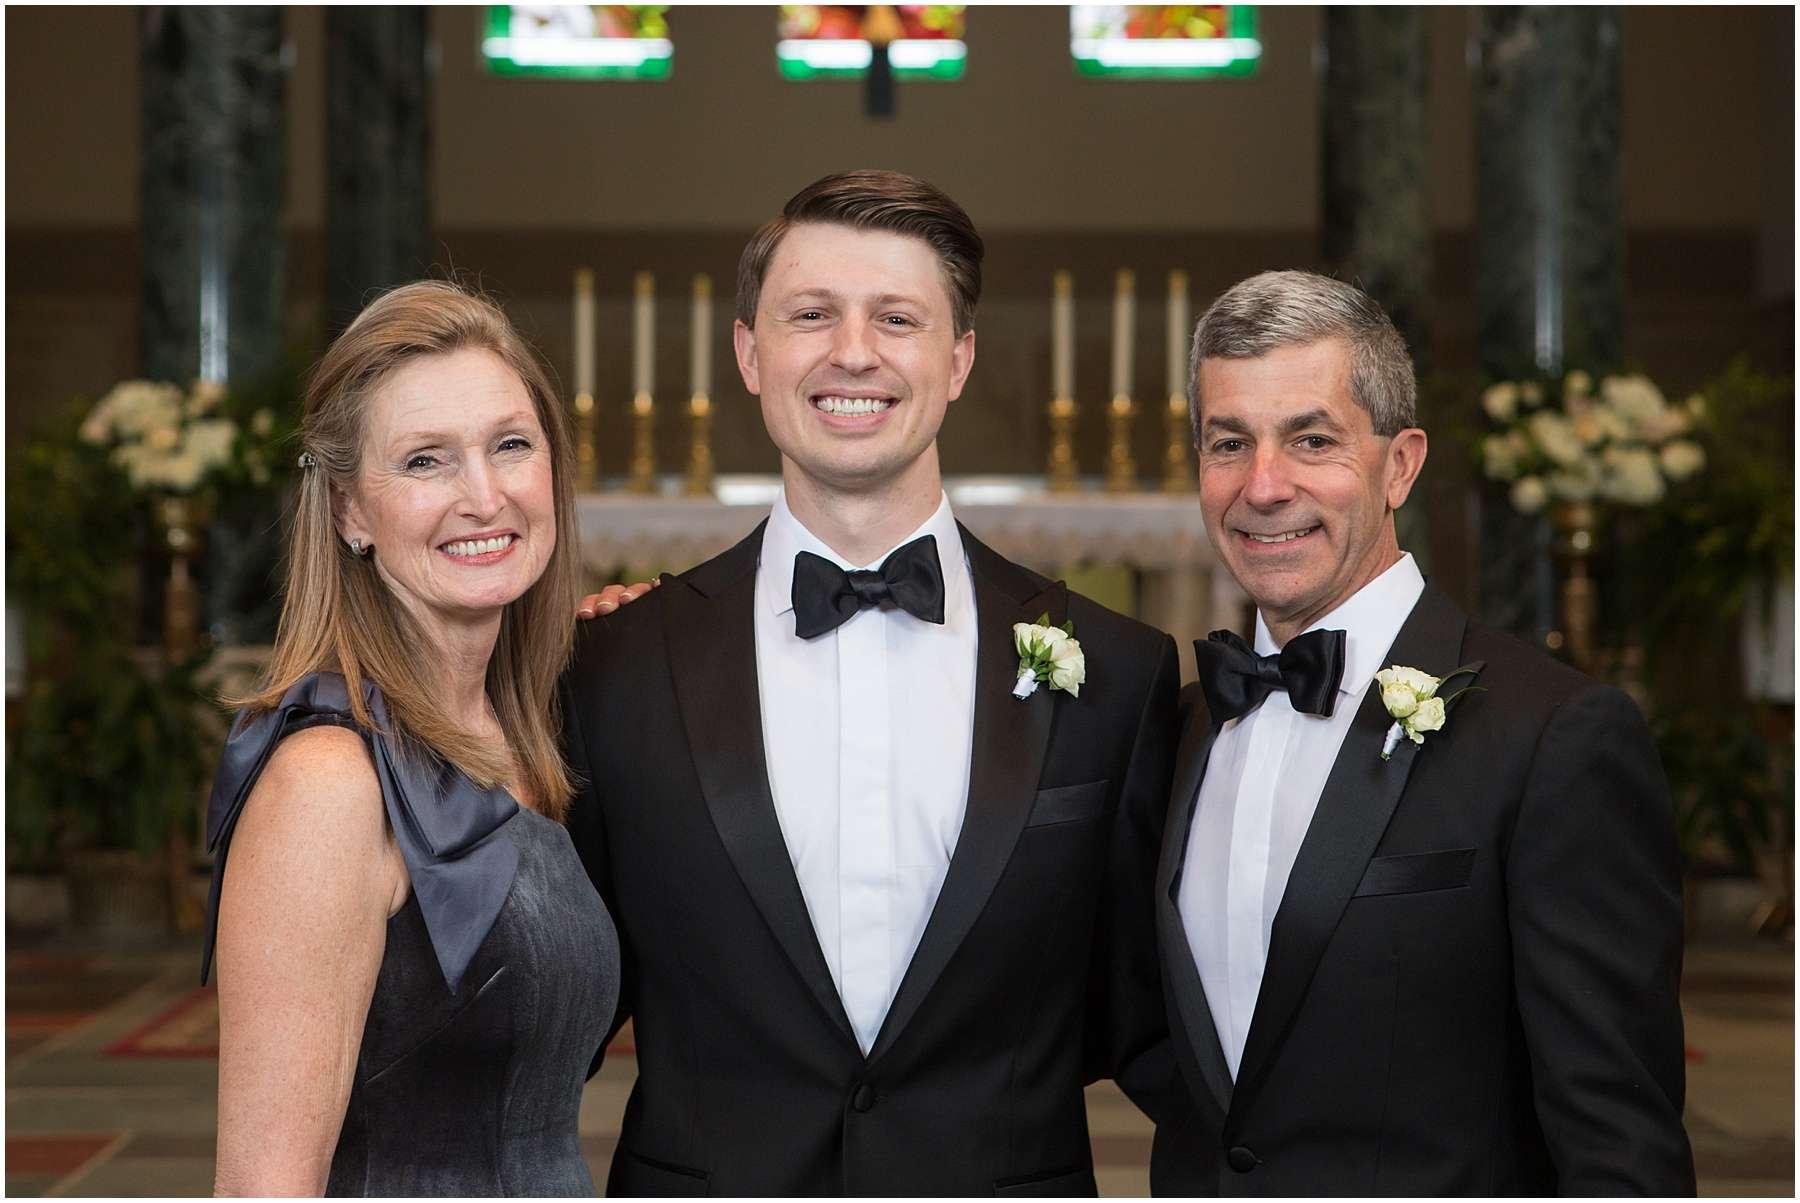 Wedding at the Ohio Statehouse | Columbus Ohio Weddings 132